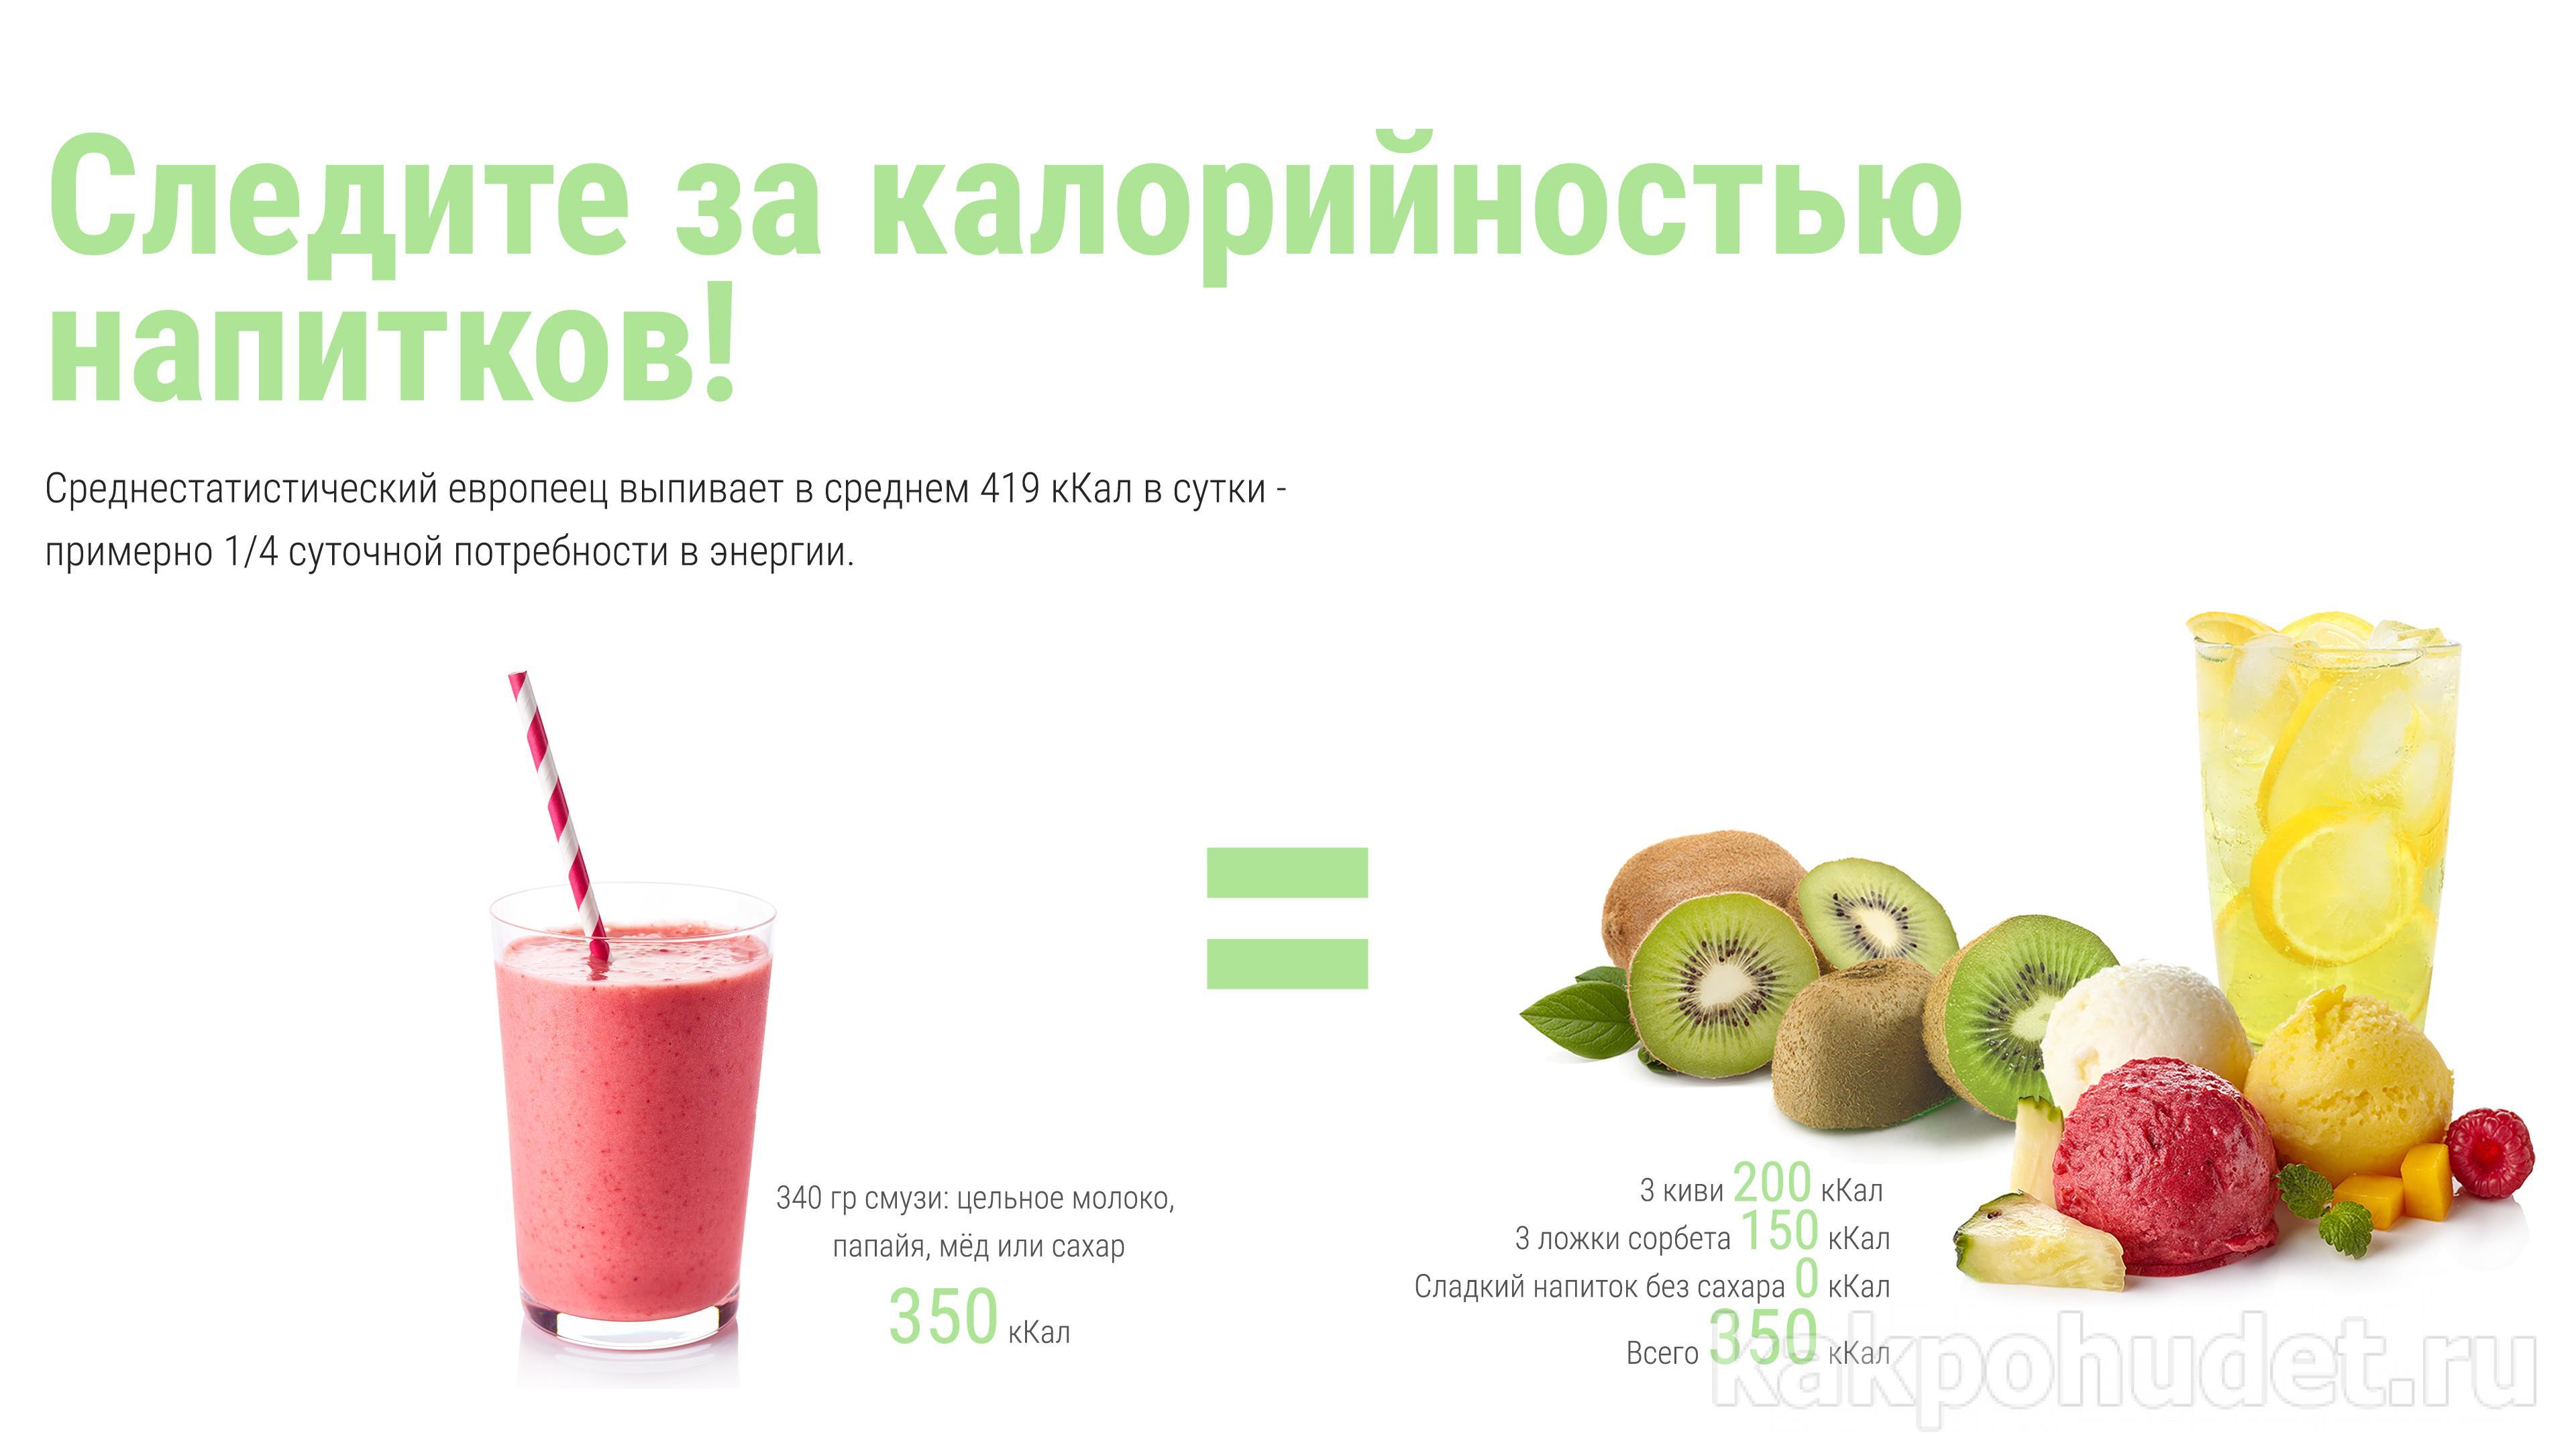 следите за калорийностью